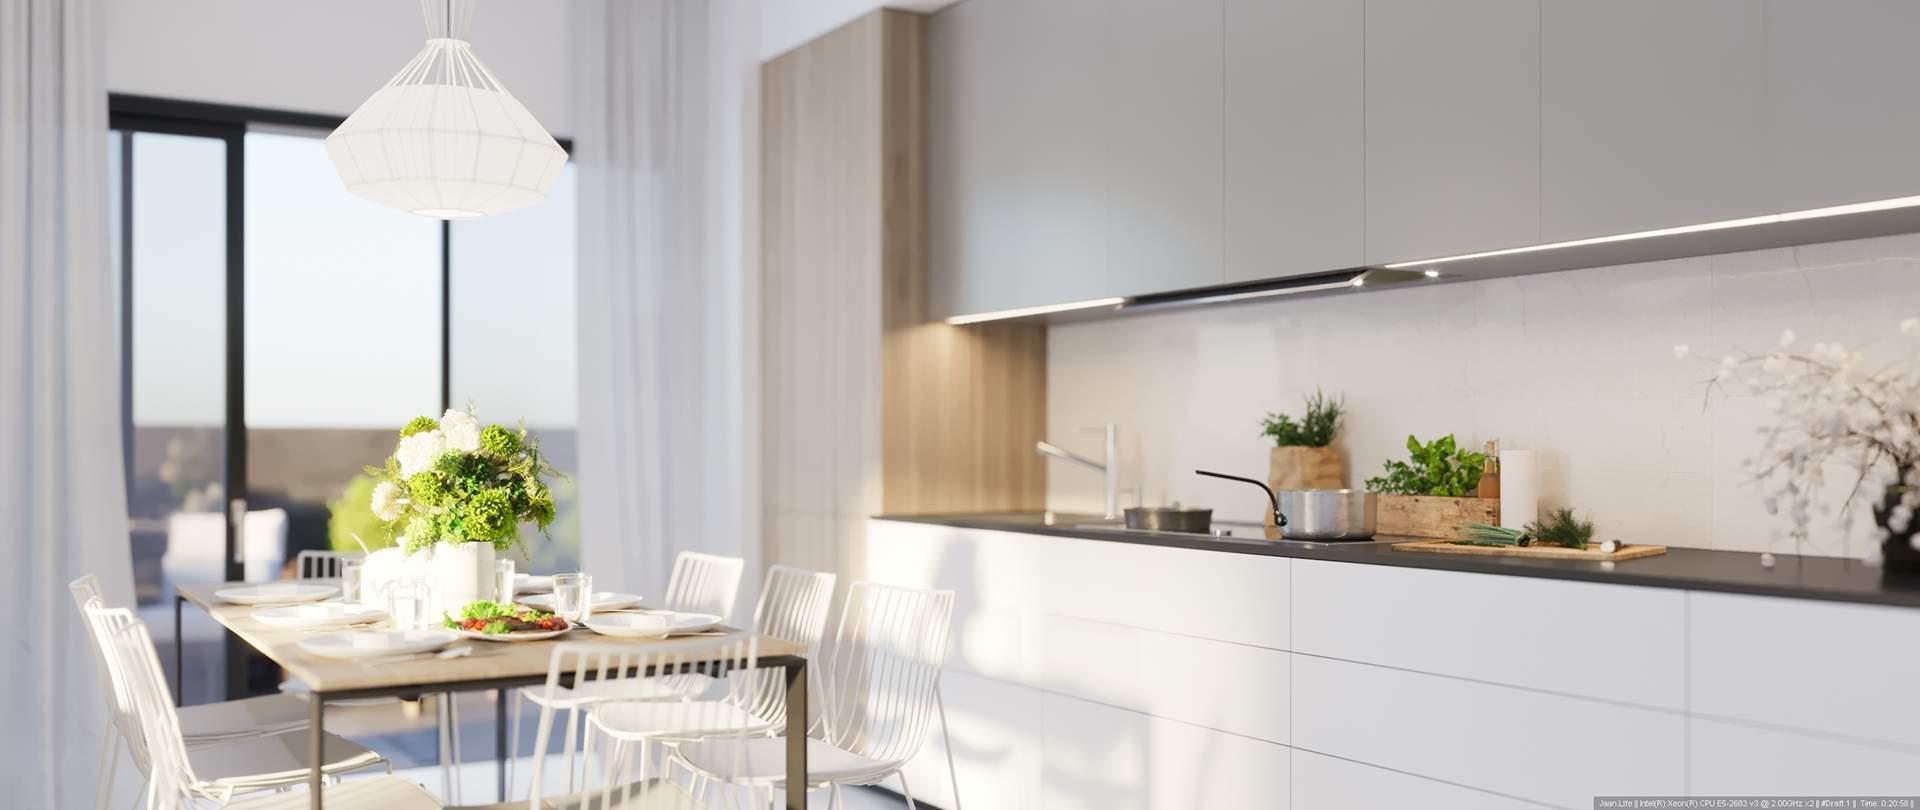 Un appartement décoré minutieusement dans des tons modernes et épurés